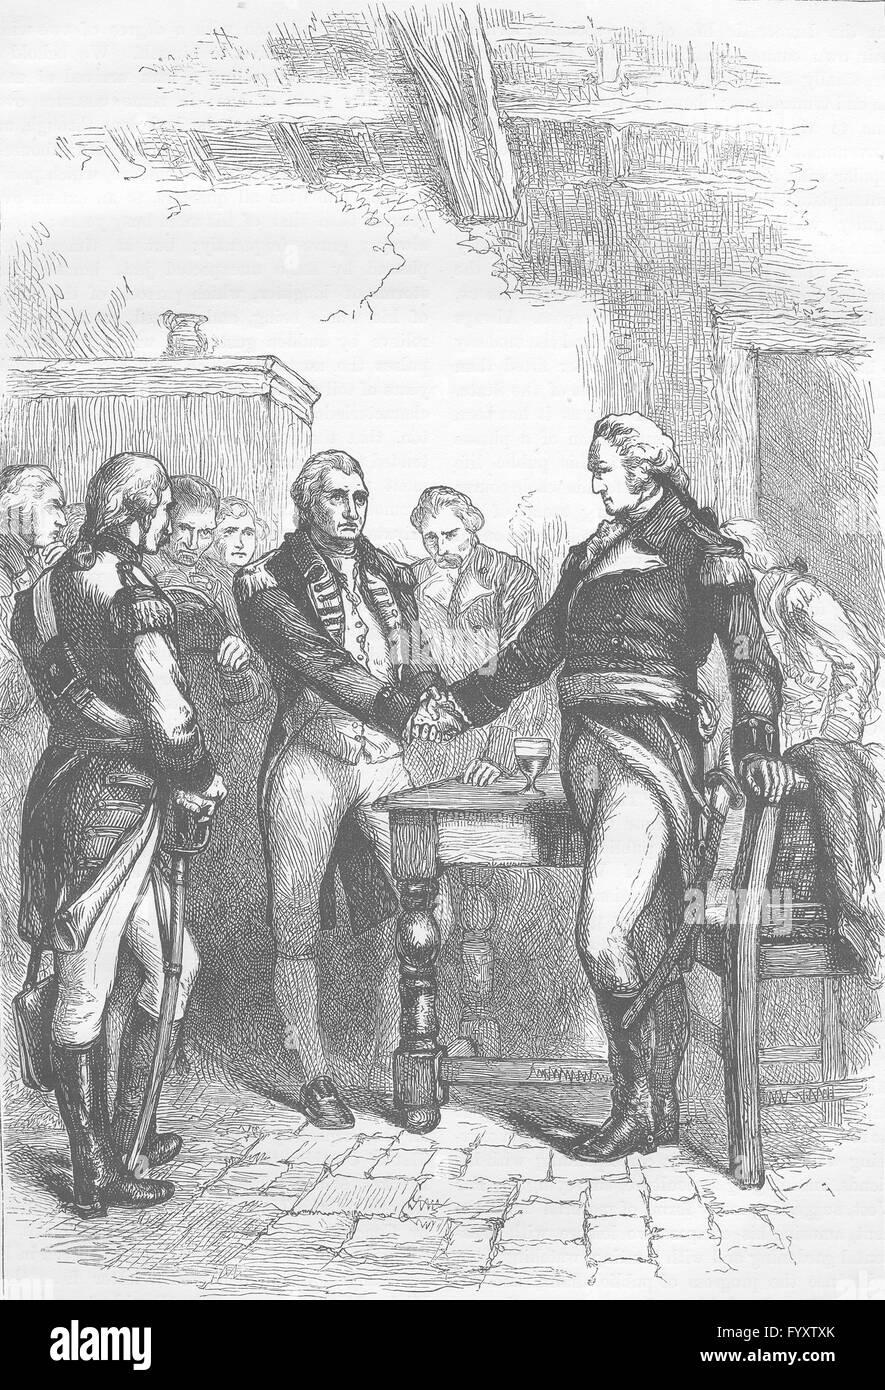 Estados Unidos: Washington despedirme de sus camaradas, grabado antiguo c1880 Imagen De Stock